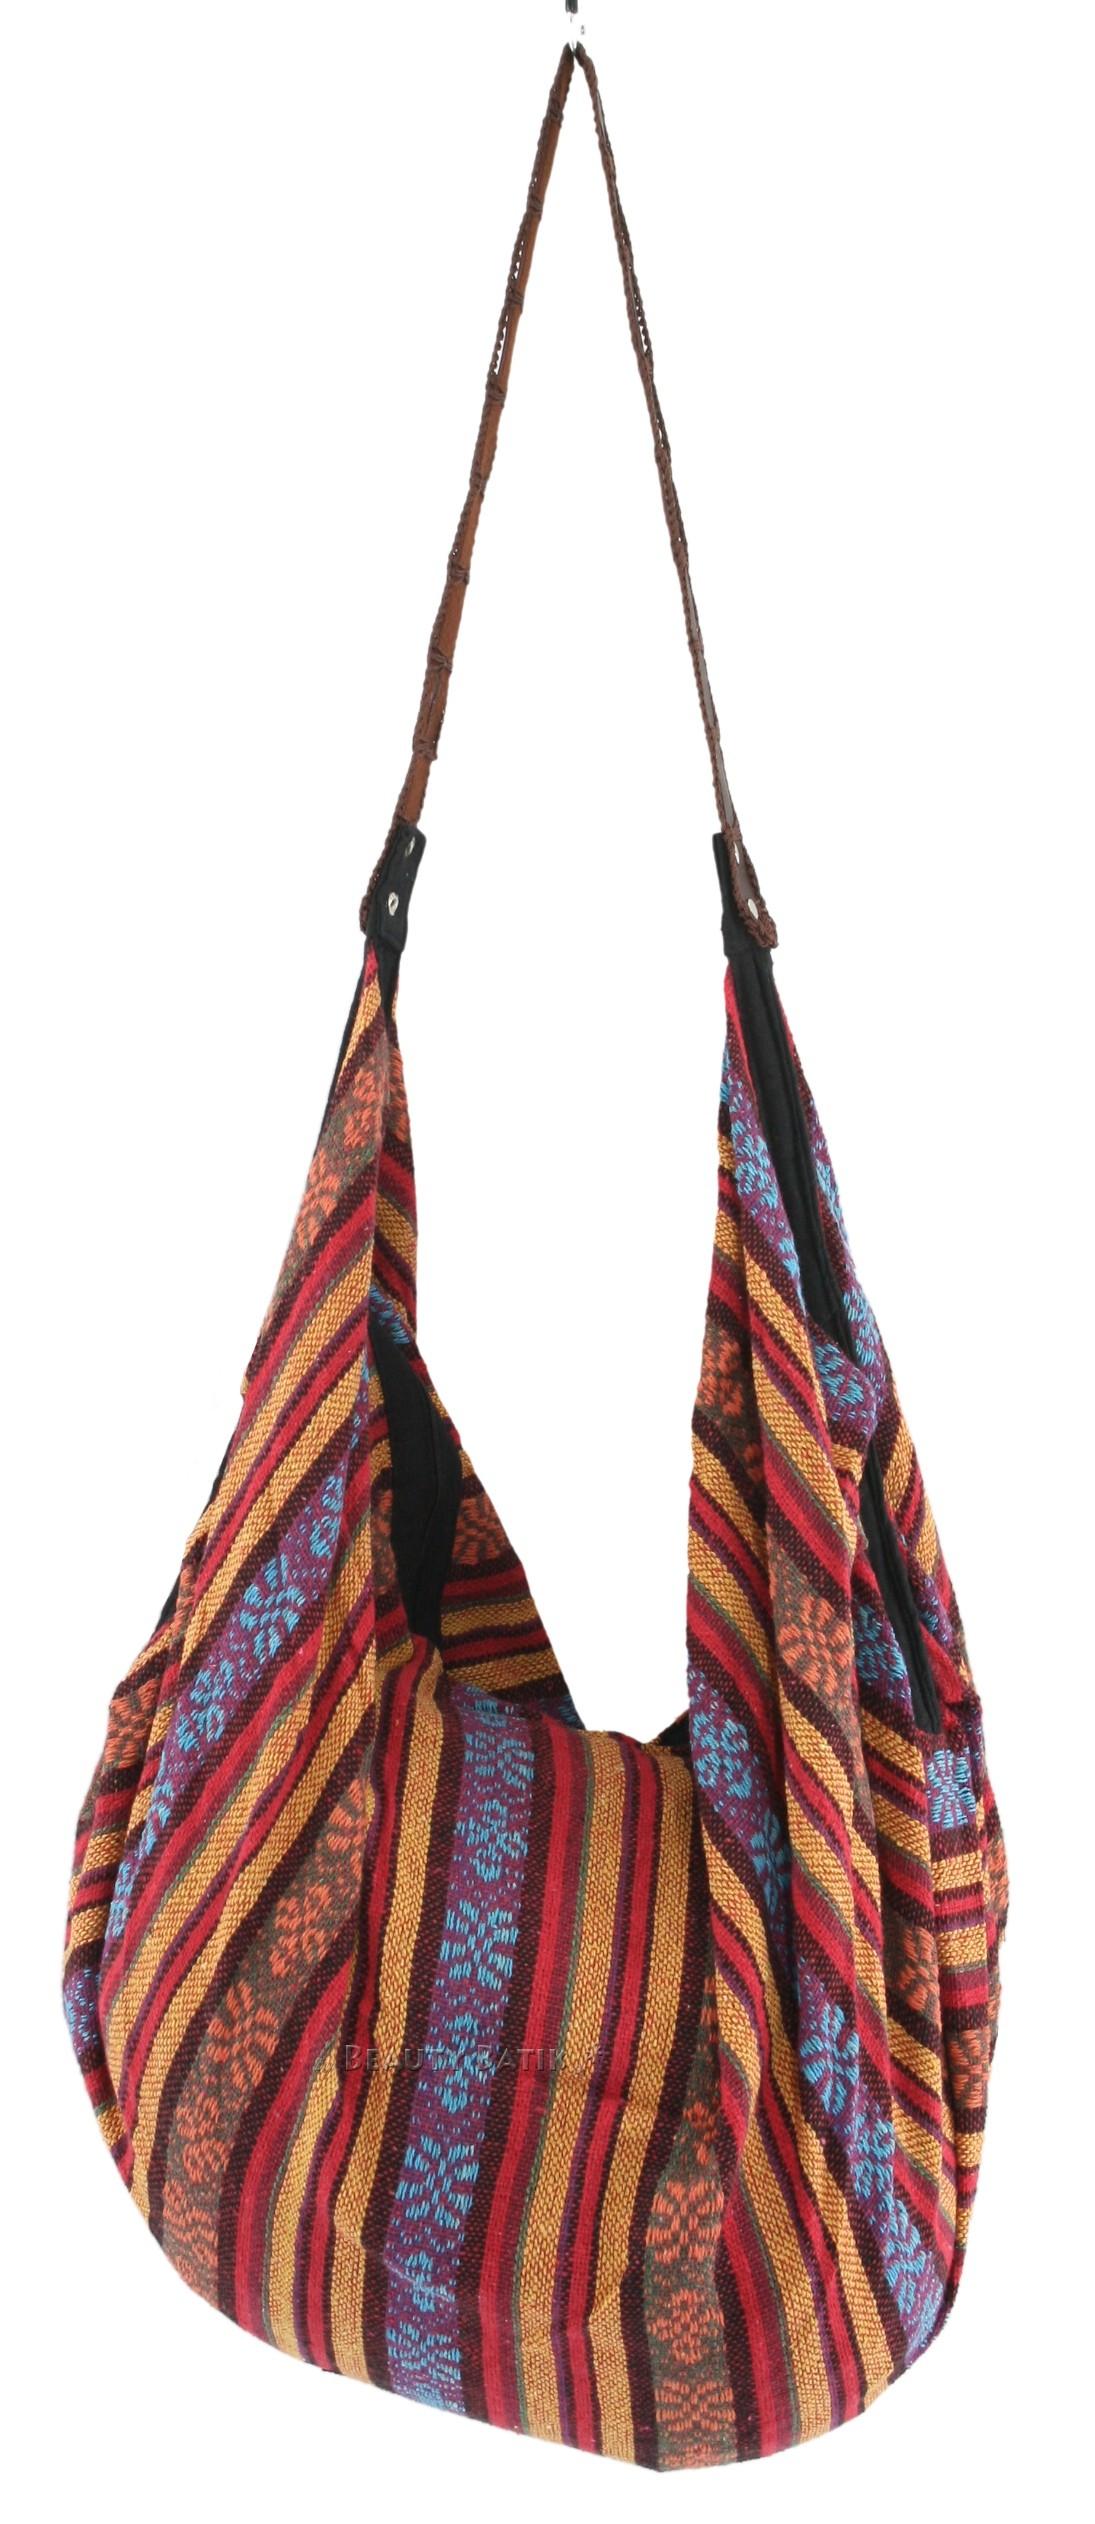 Knitting Pattern Hobo Bag : Boho Knitted Cotton Hobo Tote BAG Multicoloured eBay